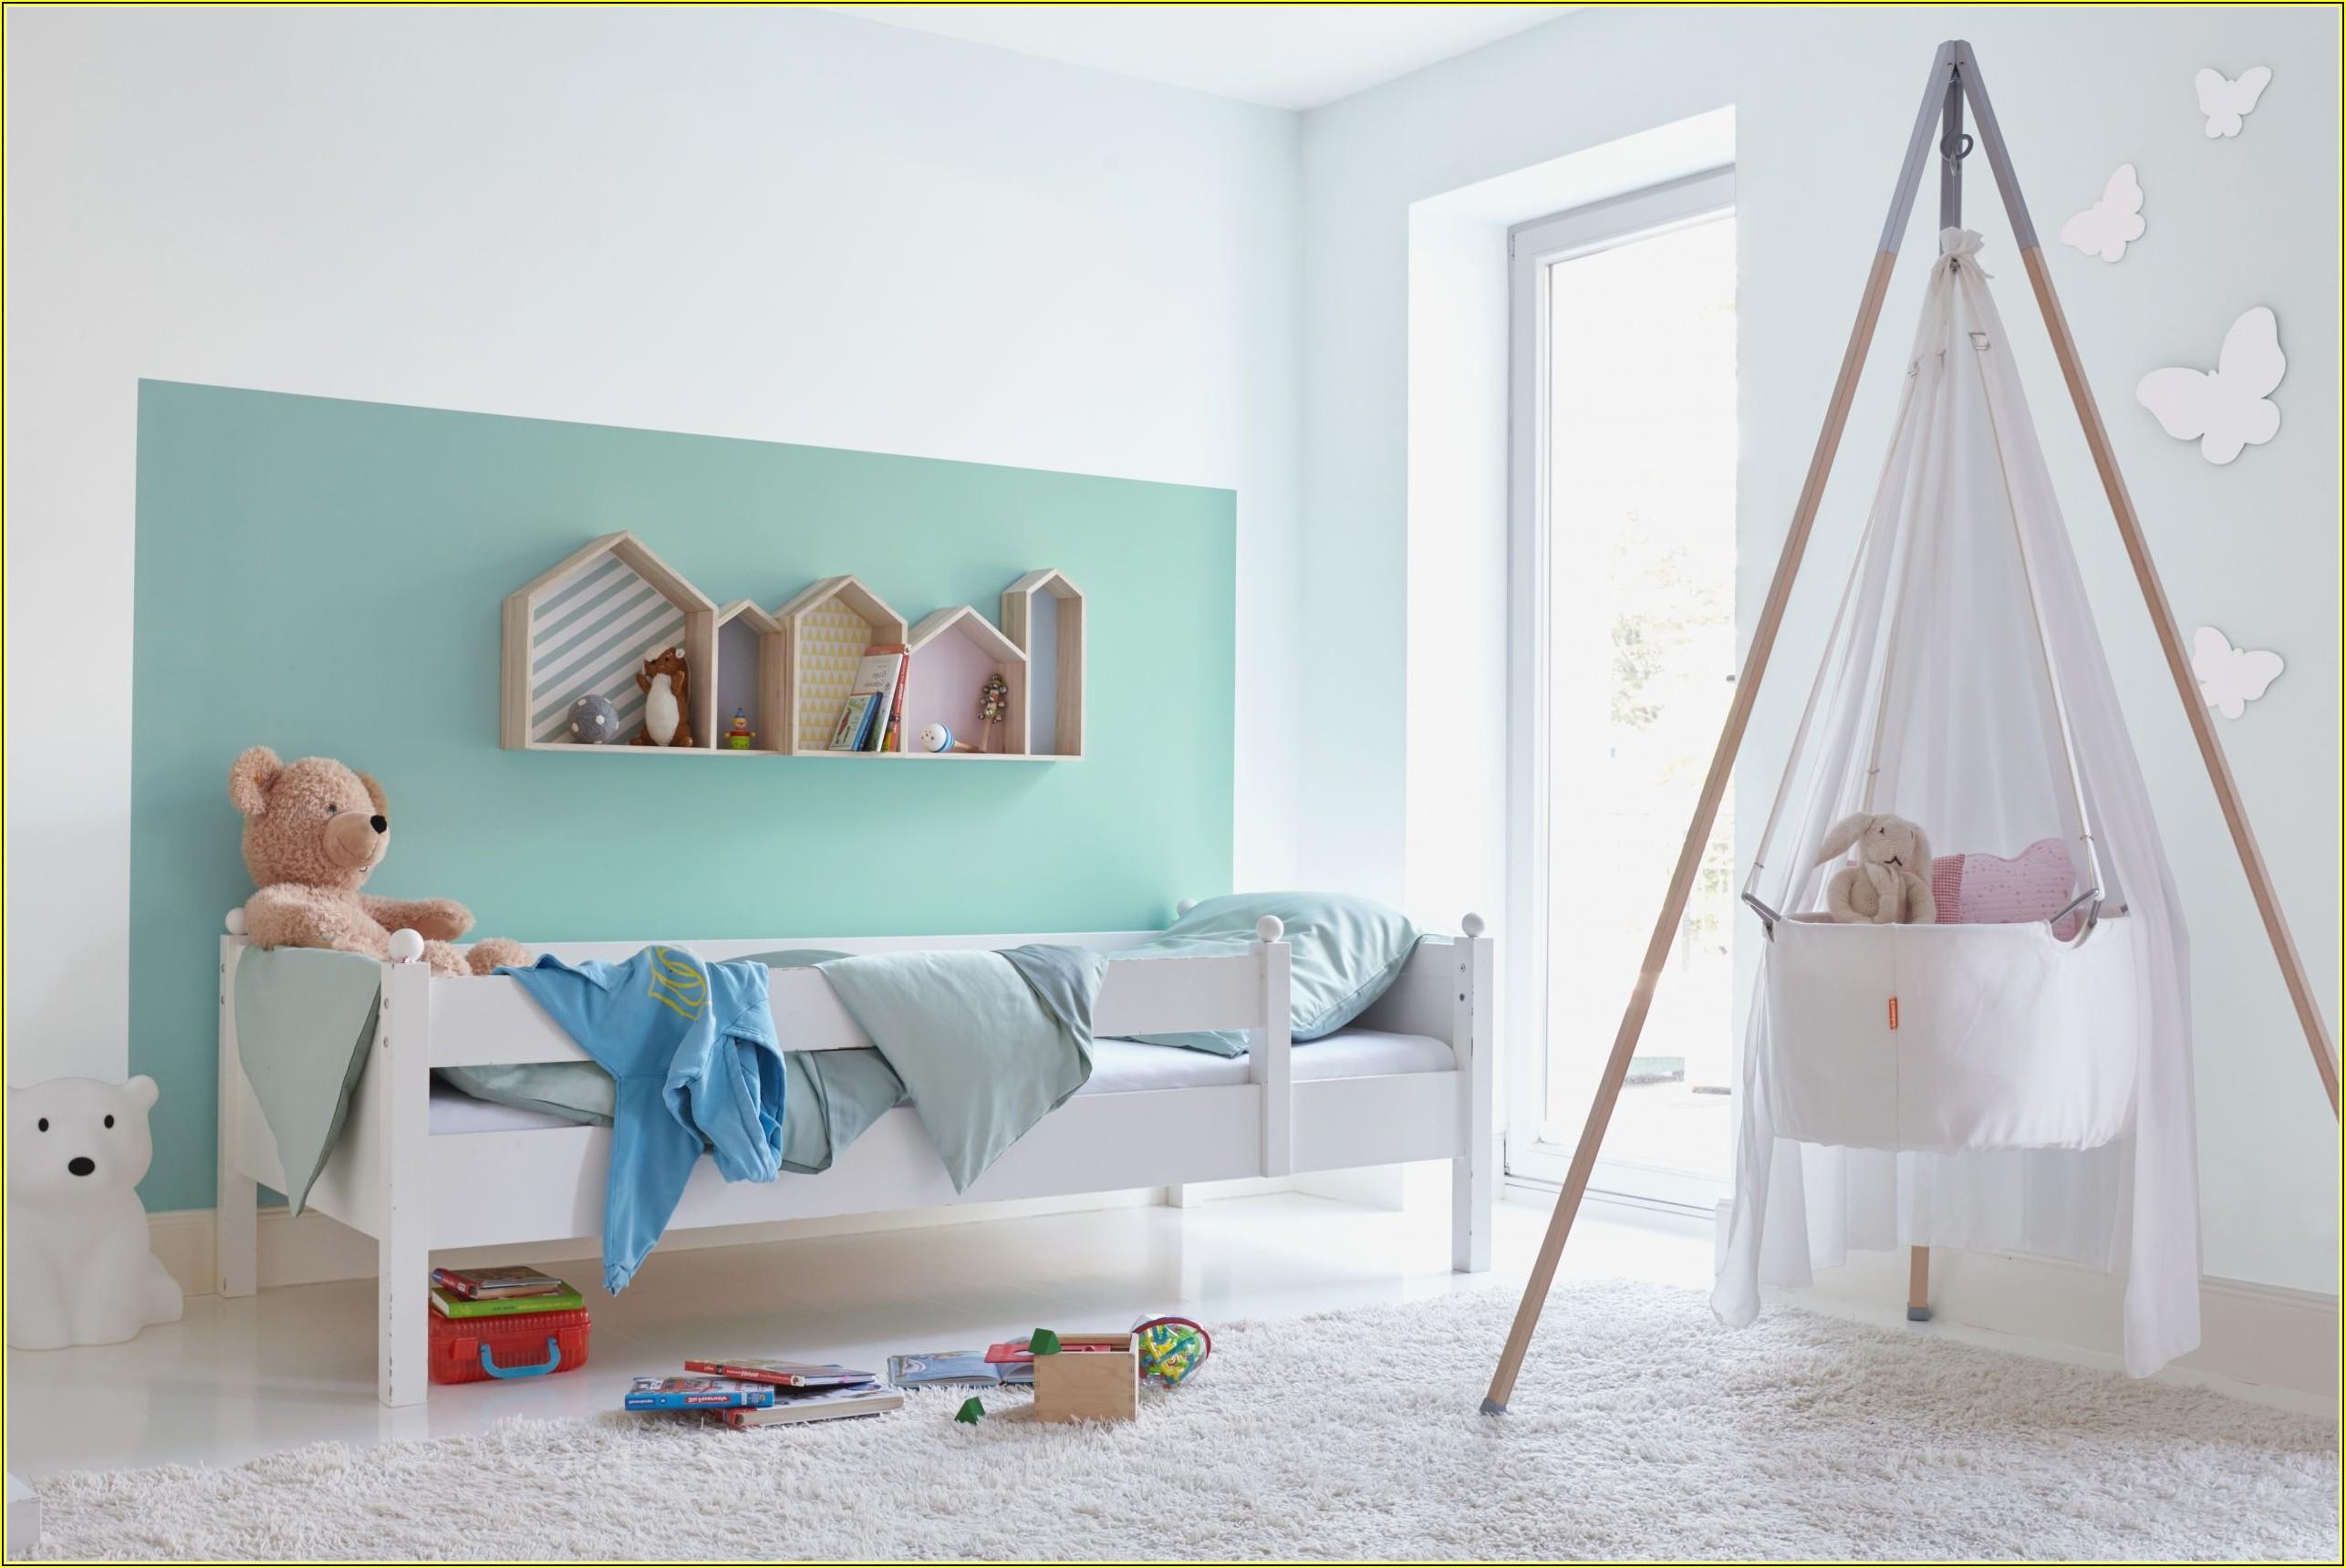 Flieder Farbe Im Kinderzimmer